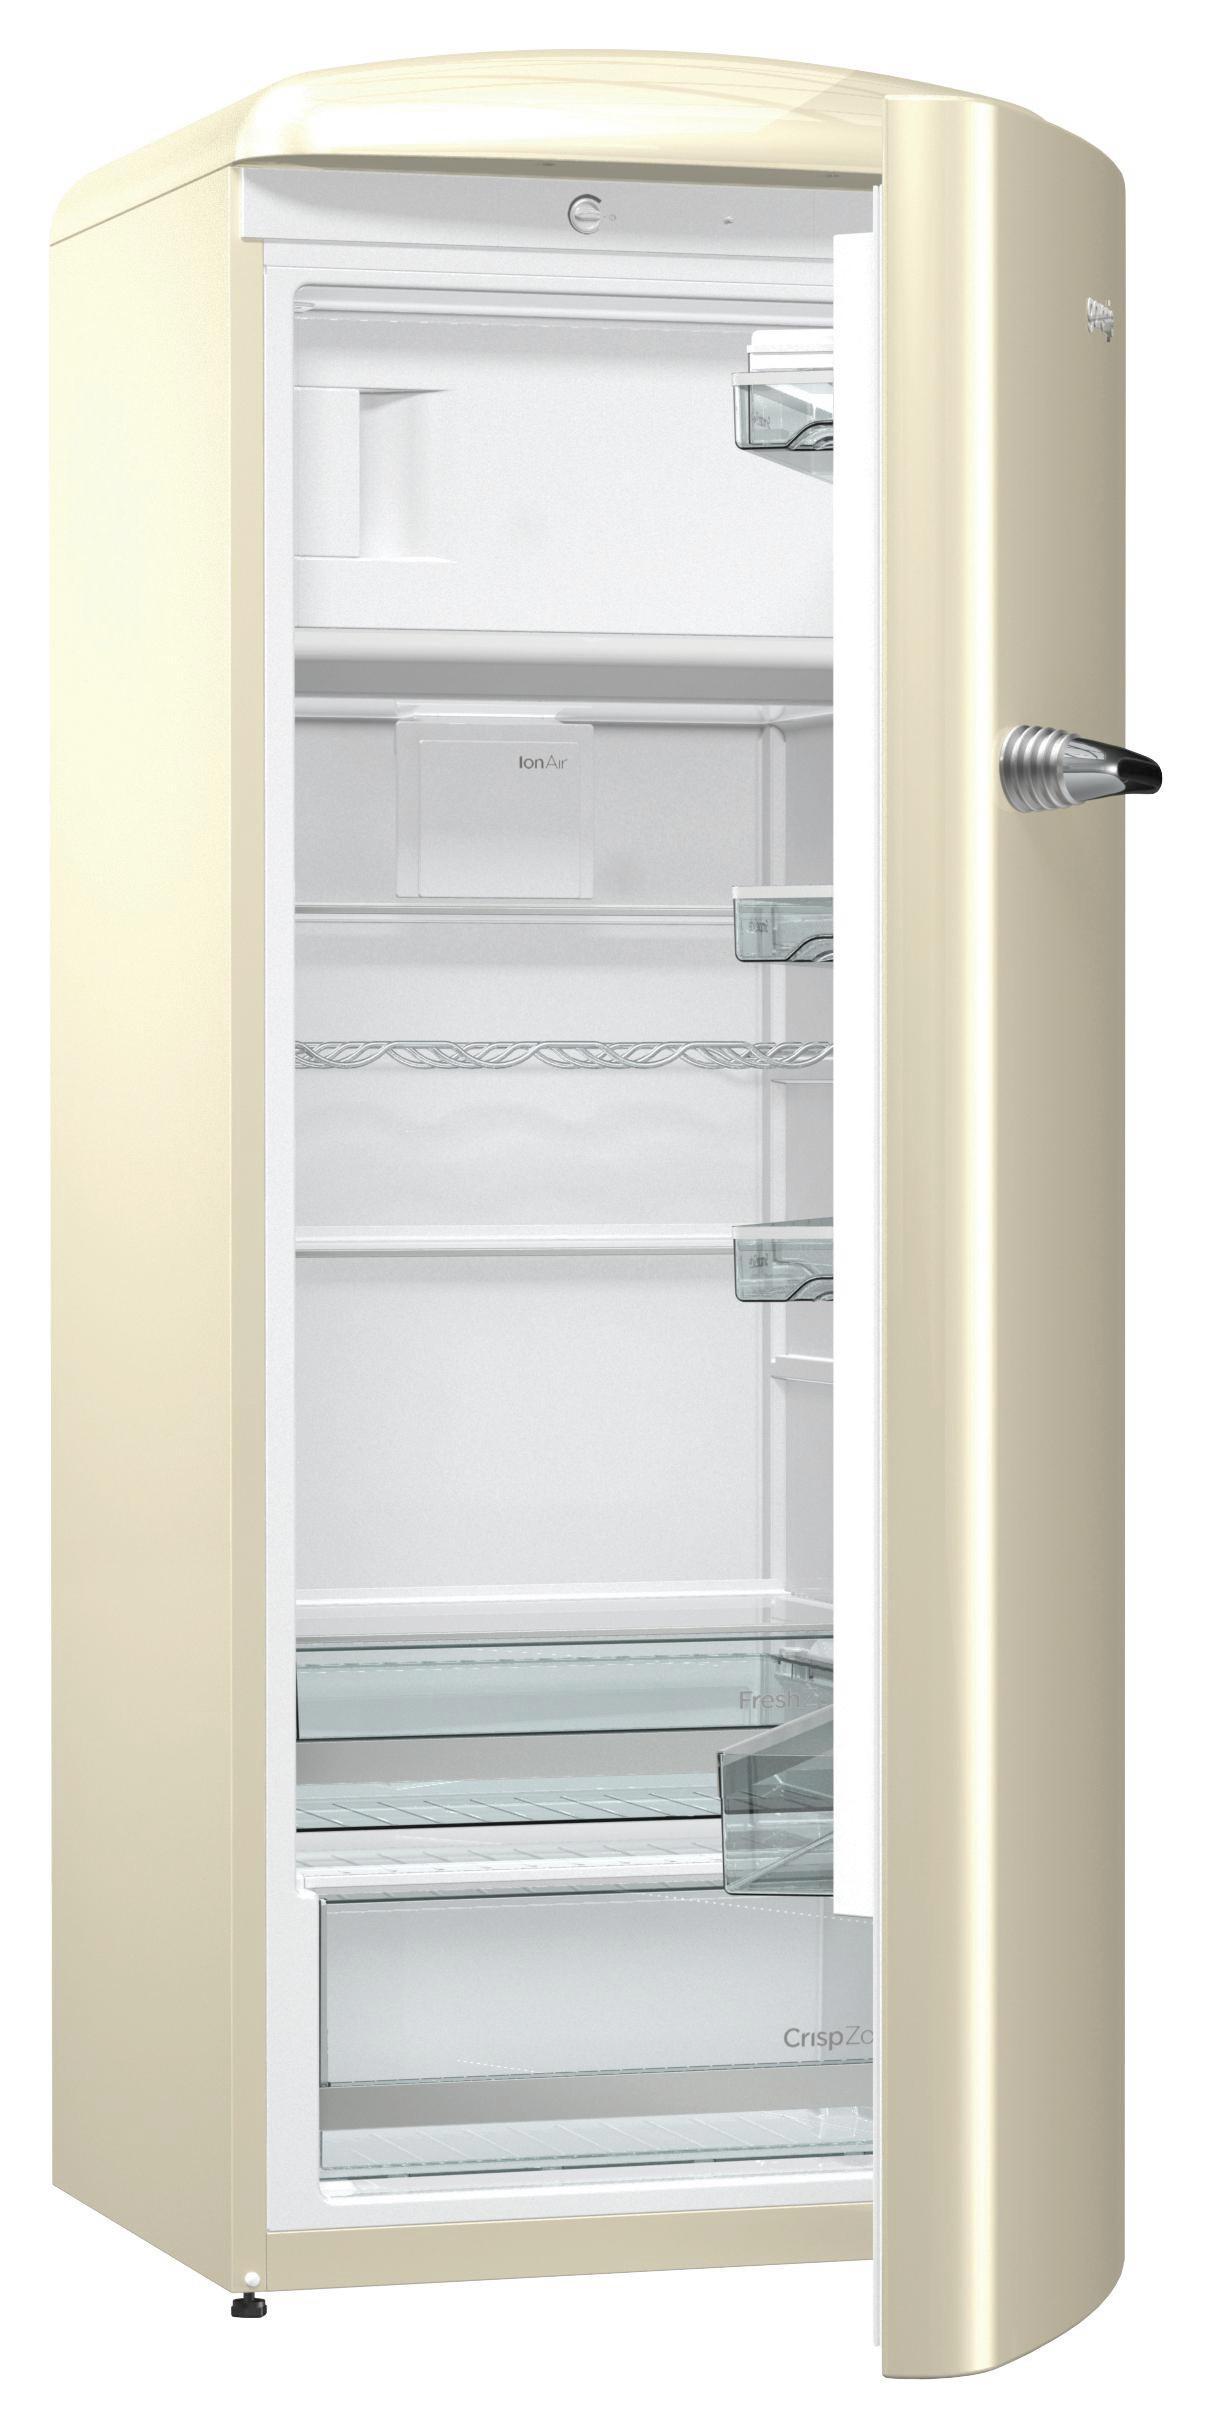 Gorenje Kühlschrank Orb 153 A 154 Cm Hoch : Gorenje kühlschrank orb c online kaufen ➤ möbelix